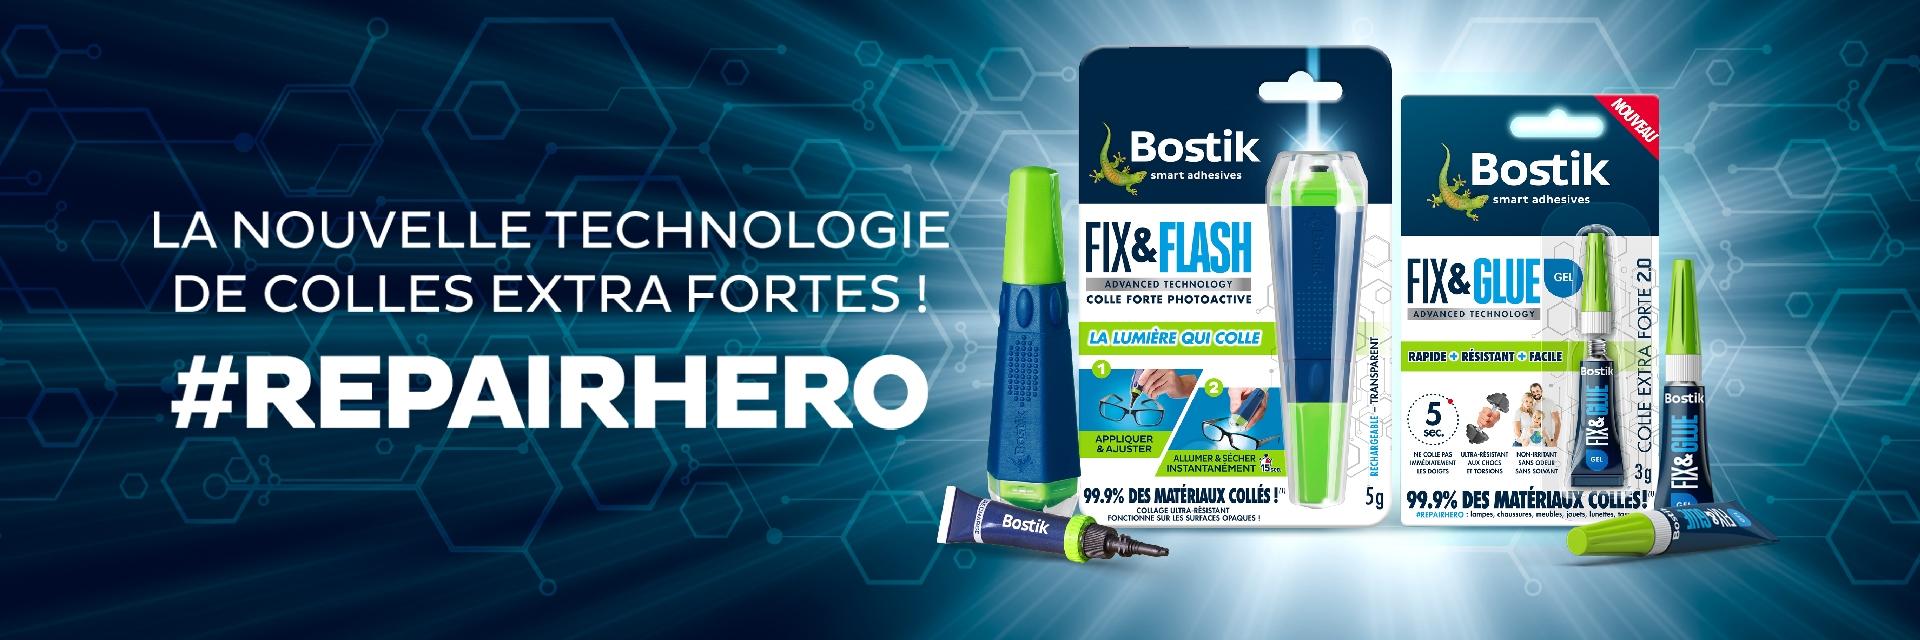 diy-bostik-fix-flash-fix-glue-coller-reparer-repairhero